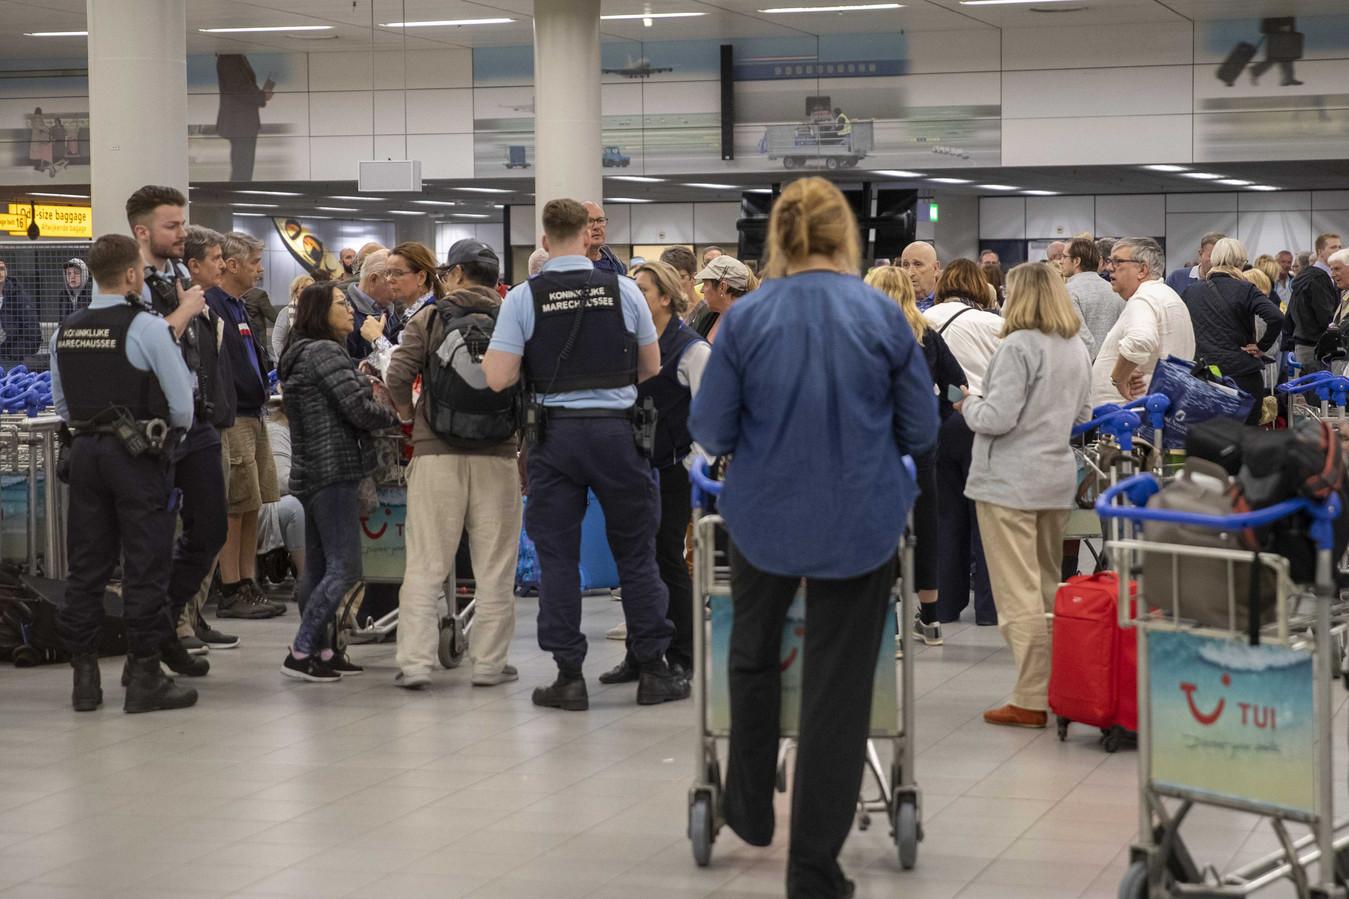 Nederlandse passagiers van het cruiseschip de Westerdam arriveren op Schiphol.